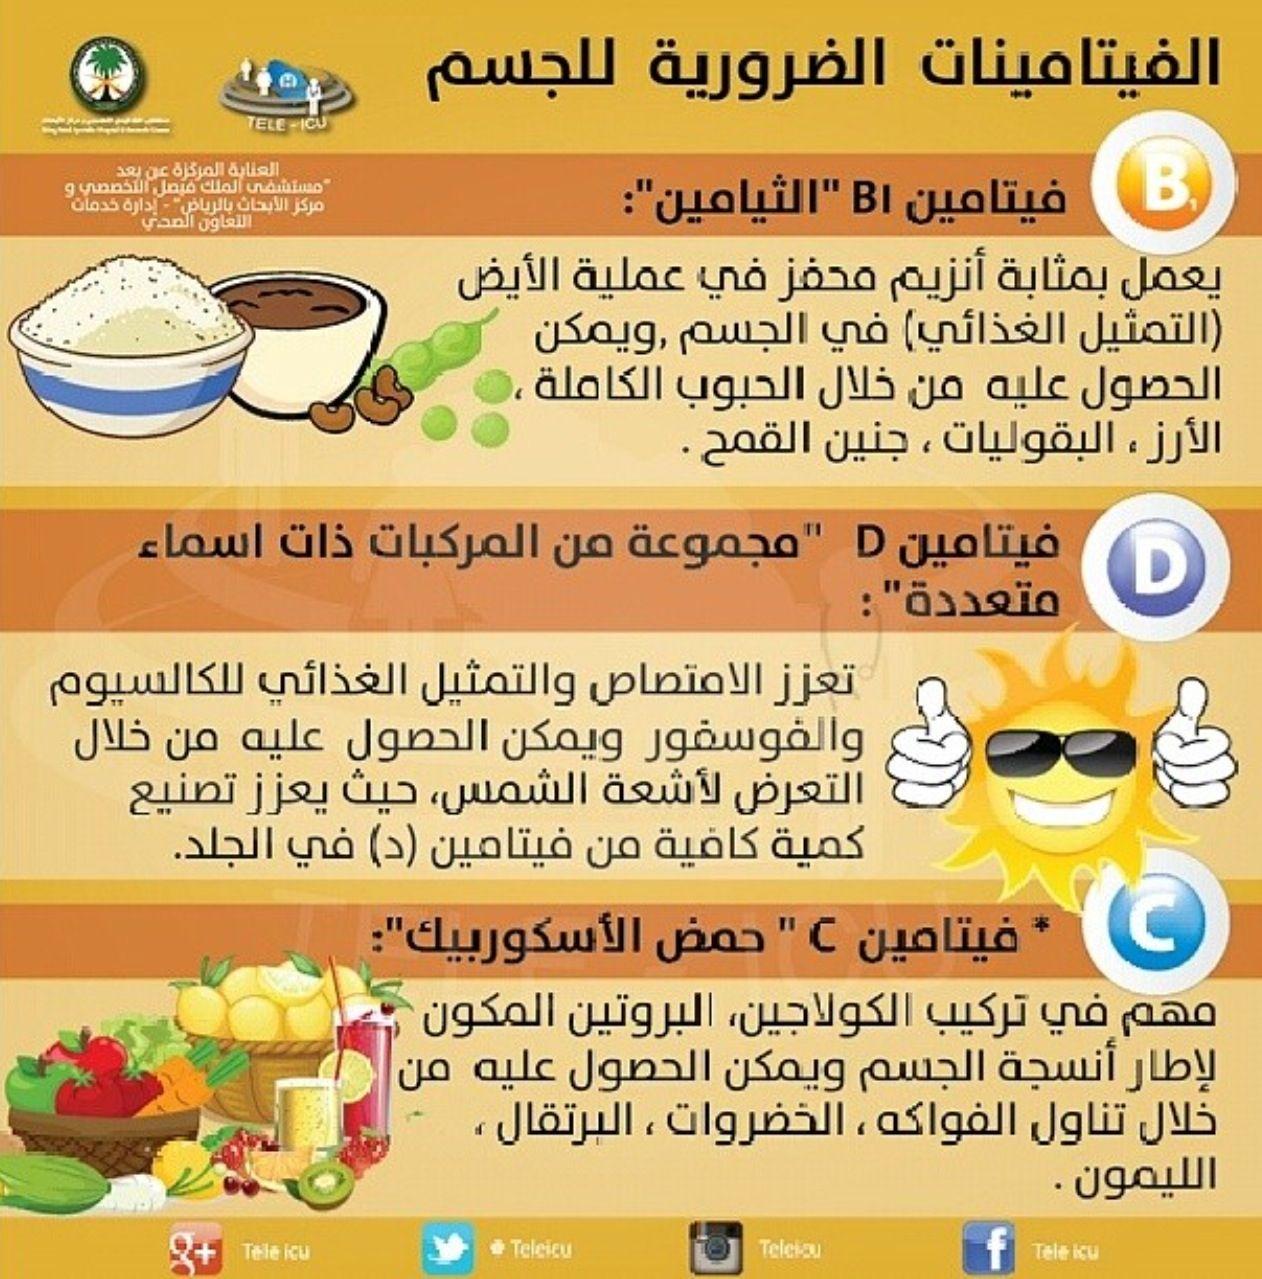 الفيتامينات الضرورية للجسم Healthy Beauty Nutrition Recipes Health